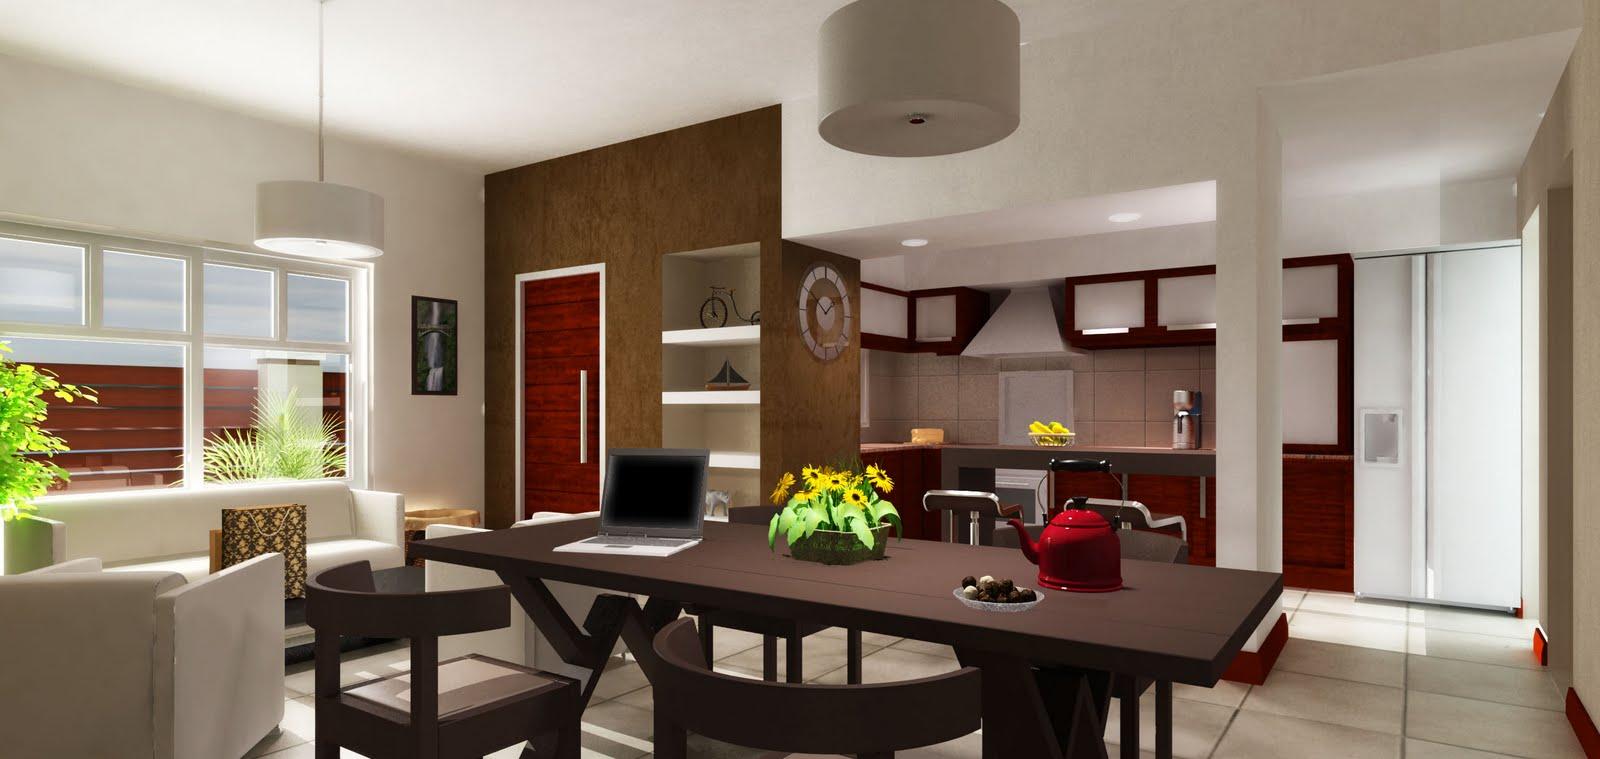 Una vivienda de líneas sencillas, techo plano, una presentación de